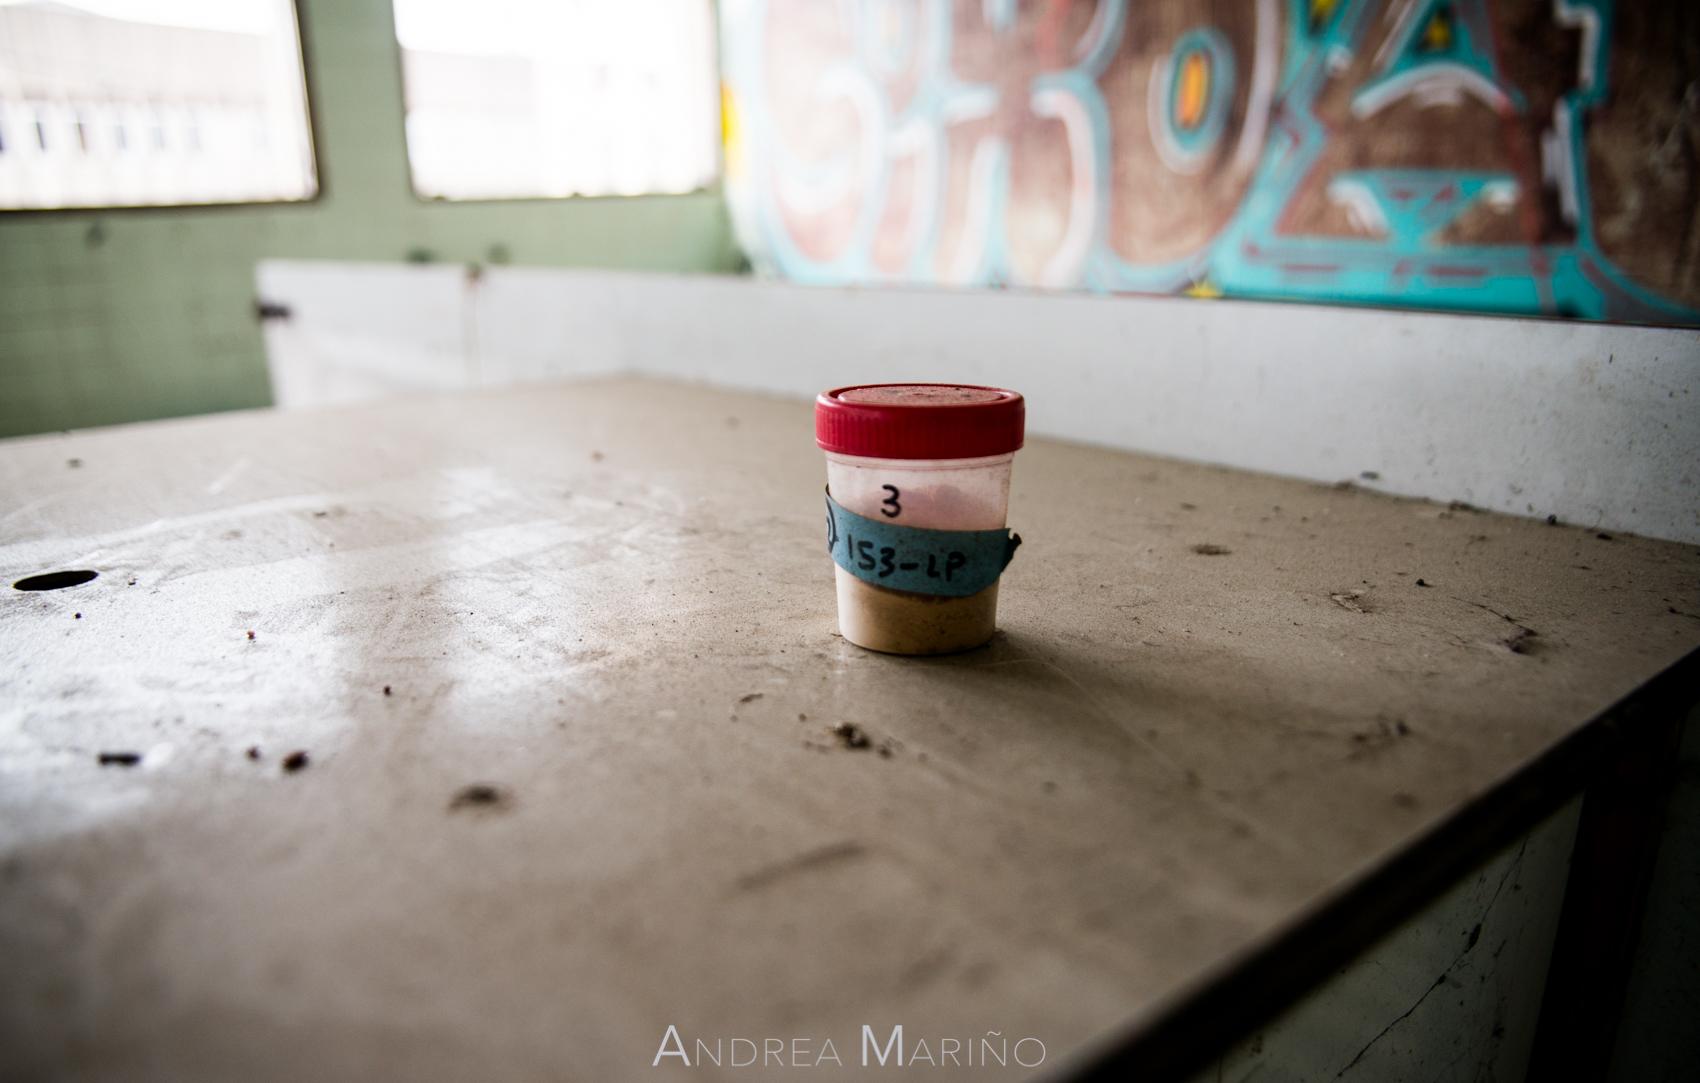 Andrea Mariño. Primeiro / Un. 1 de xullo do 18. 1/7/18